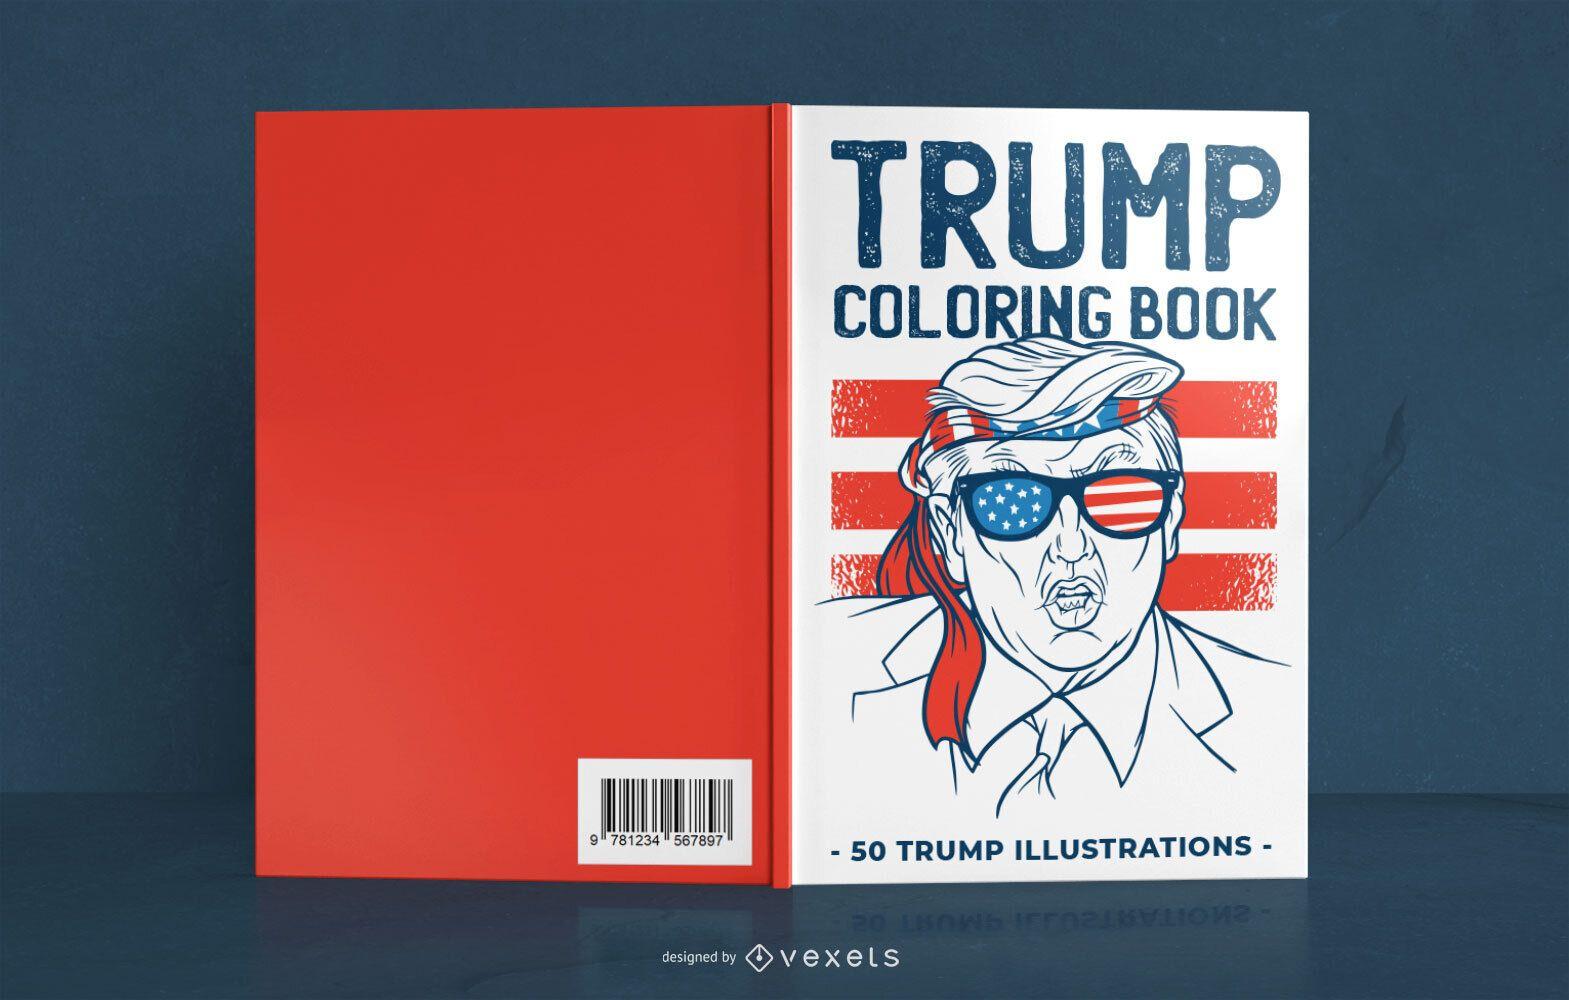 Diseño de portada de libro para colorear Trump